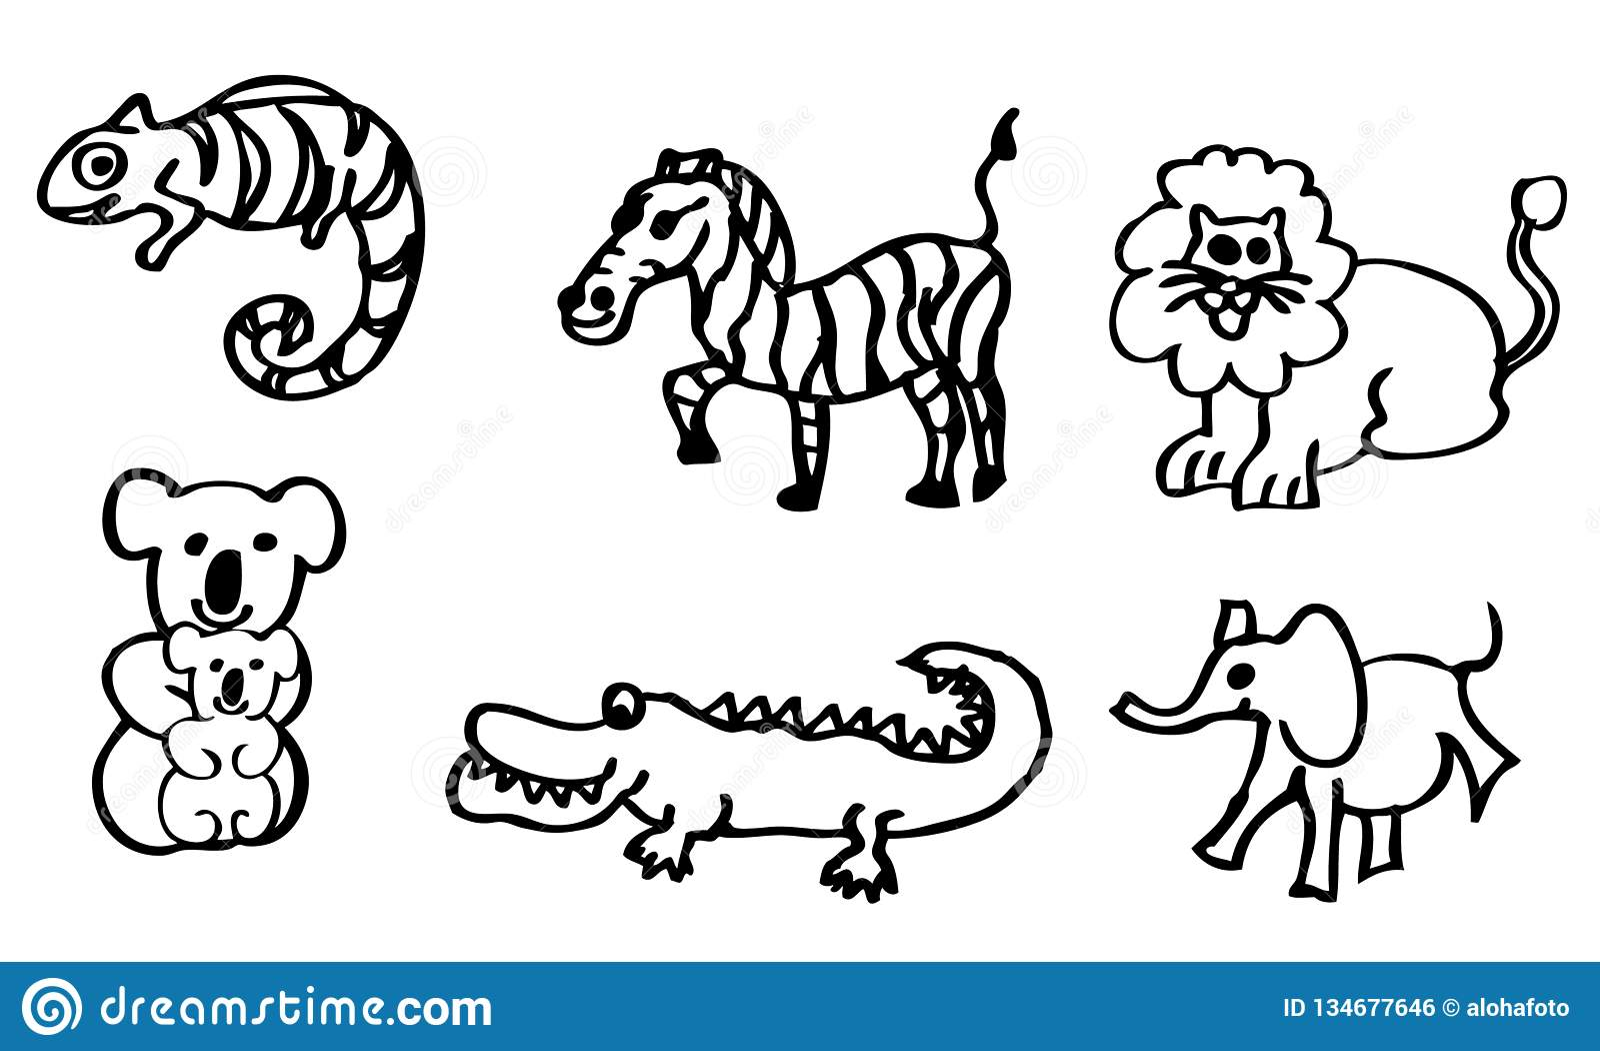 Disegni Da Colorare Bambini Animali.Libro Da Colorare Disegni Circa Gli Animali Selvatici Per I